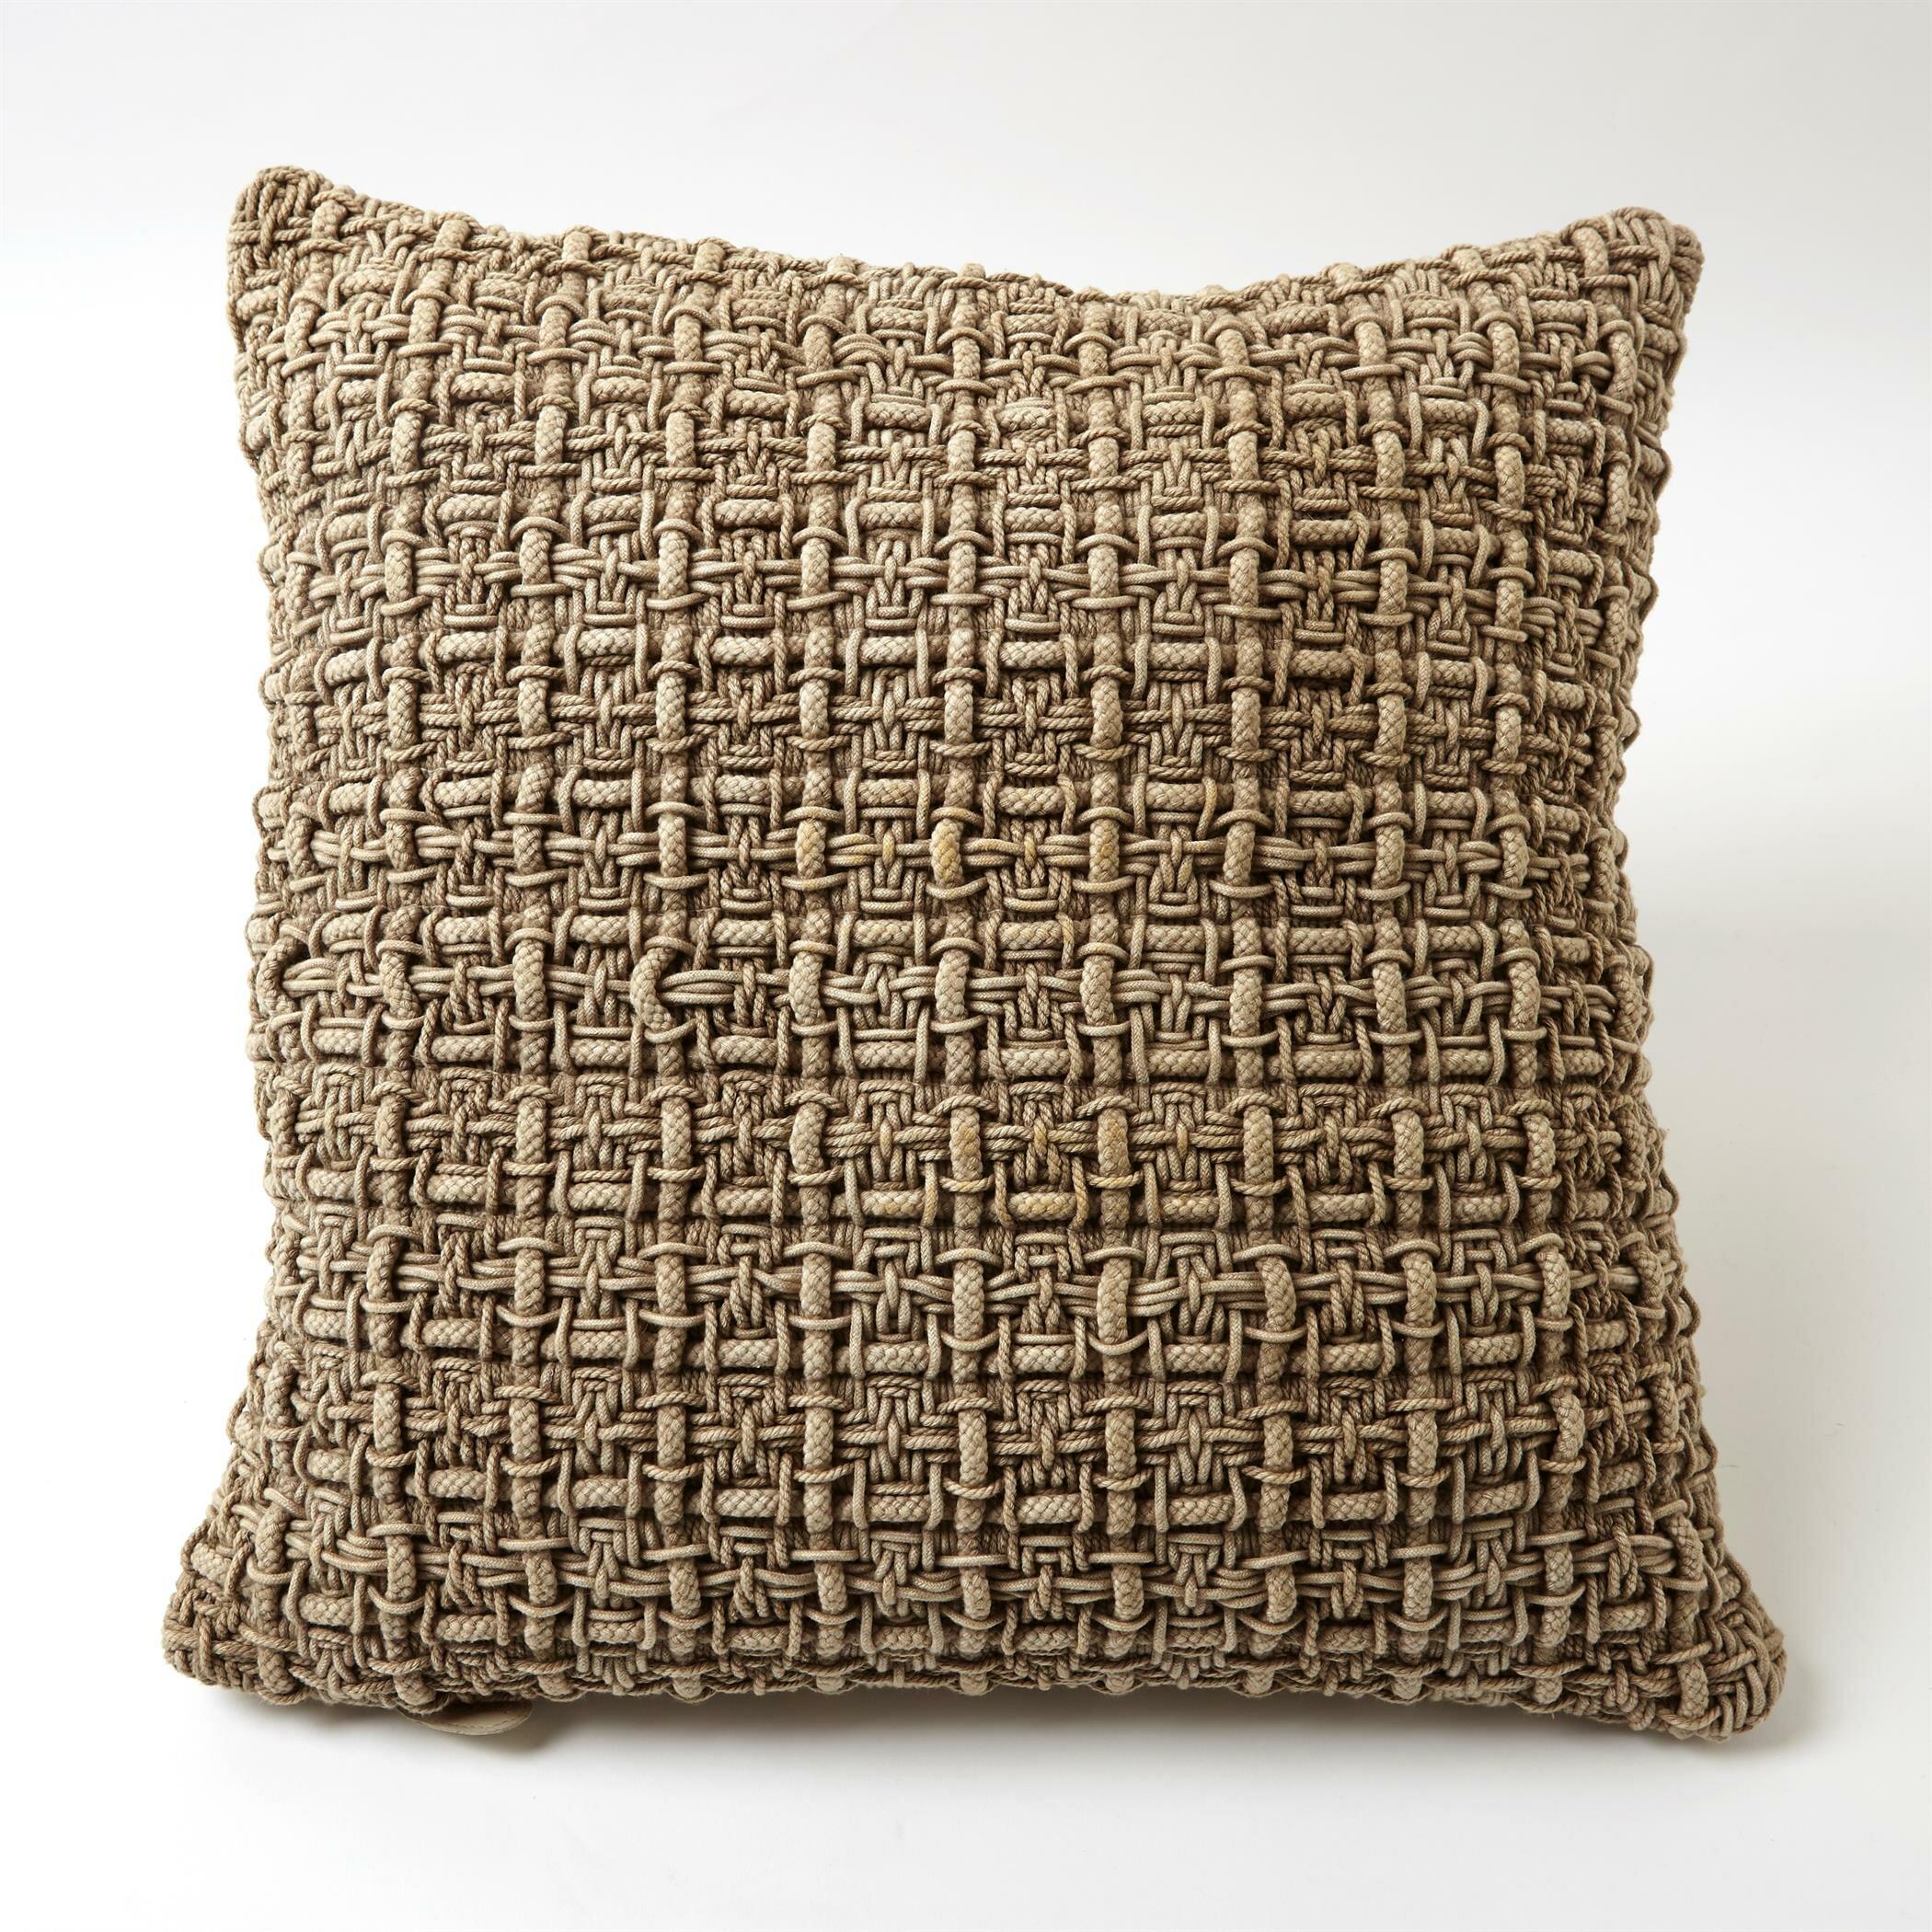 Studio A Square Cotton Pillow Cover Insert Perigold